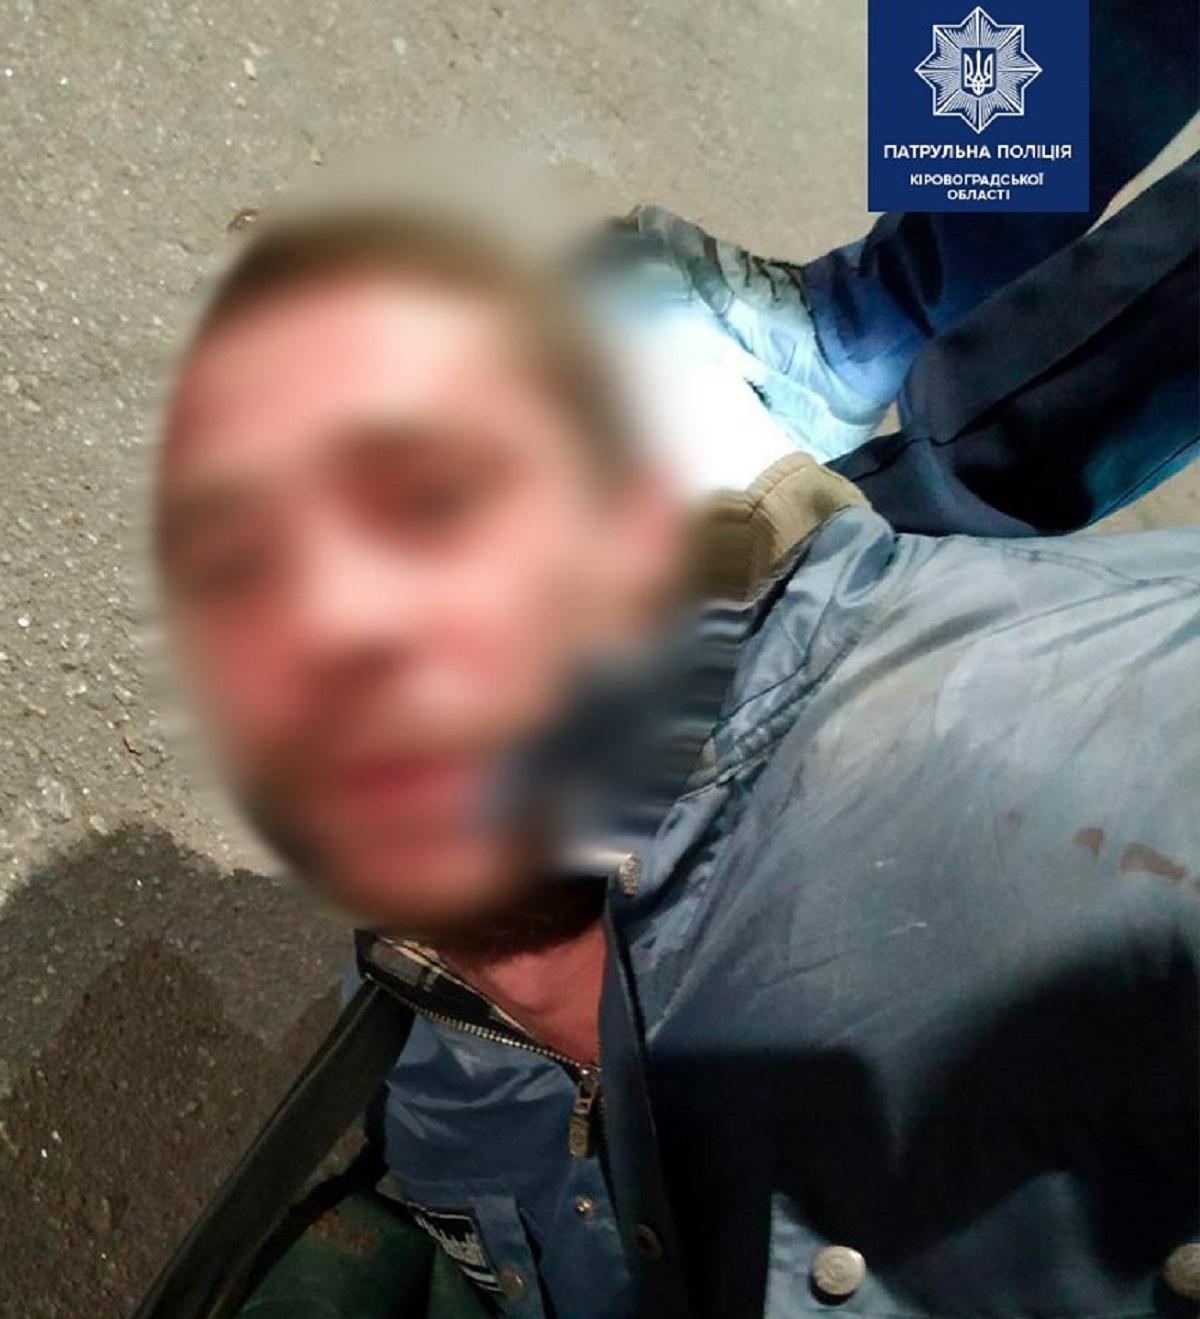 Без Купюр У Кропивницькому затримали двох чоловіків, які проникли до чужої автівки Кримінал  Патрульна поліція крадіжка